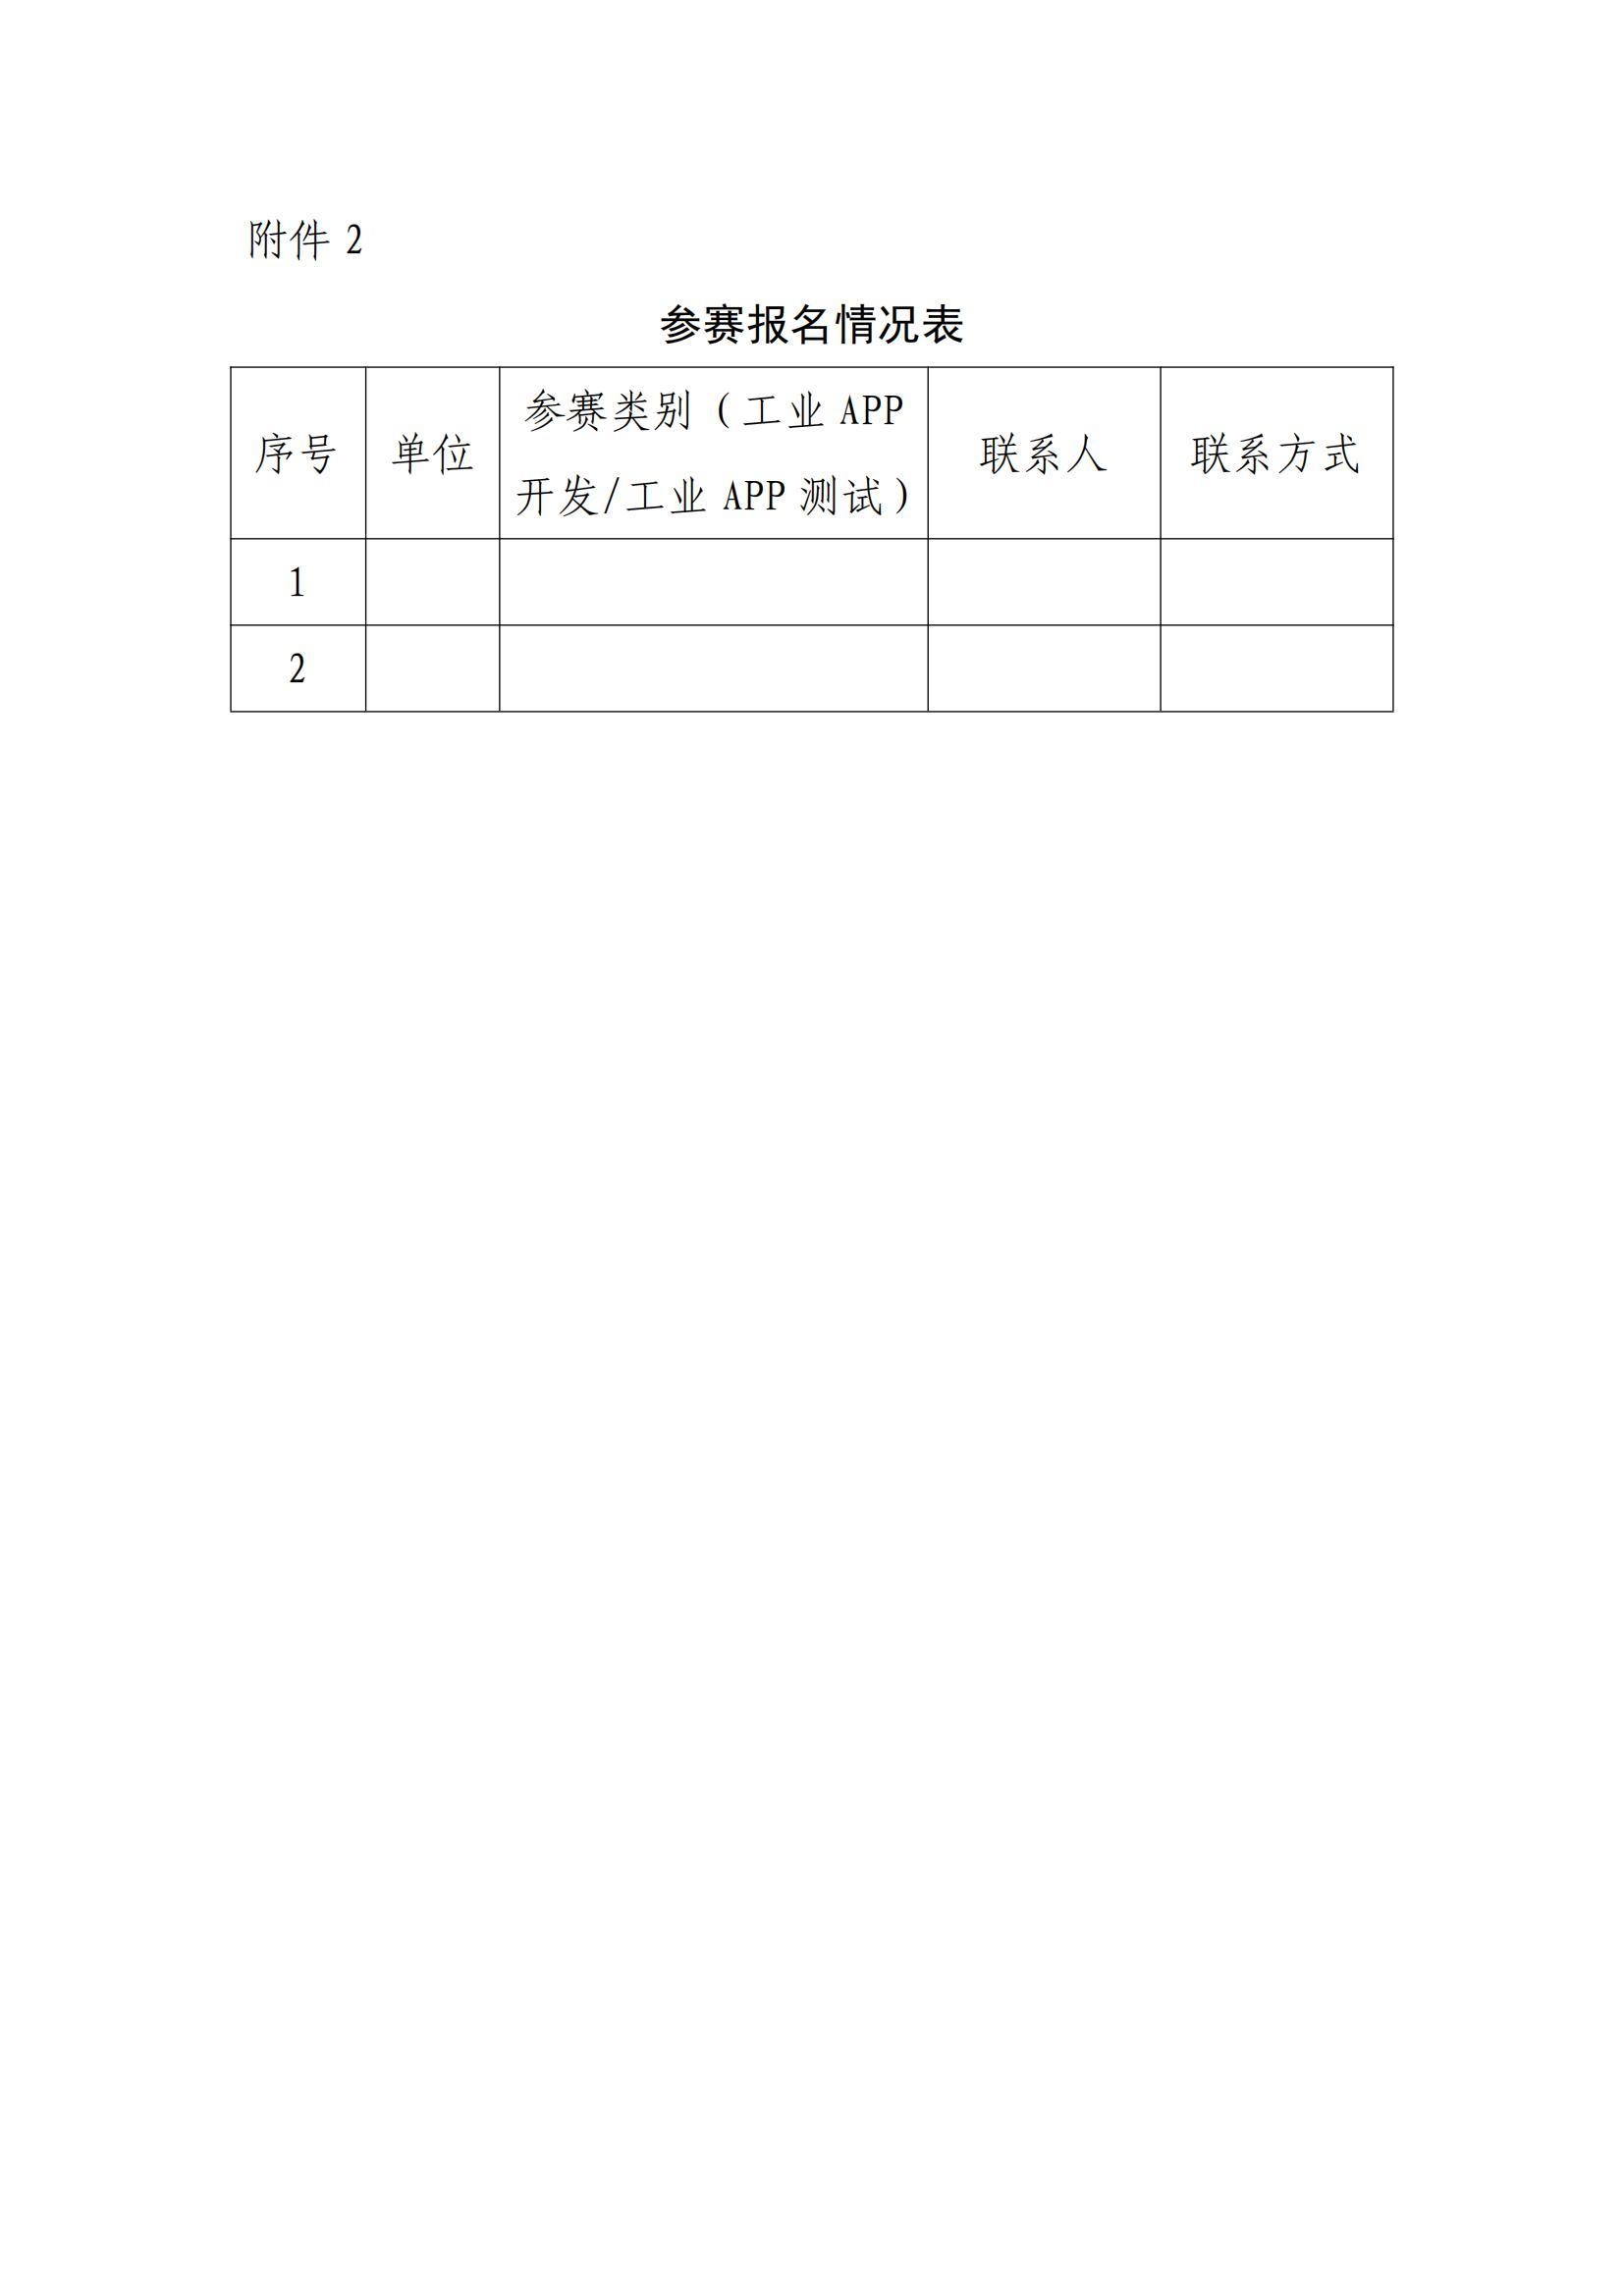 1_13.jpg